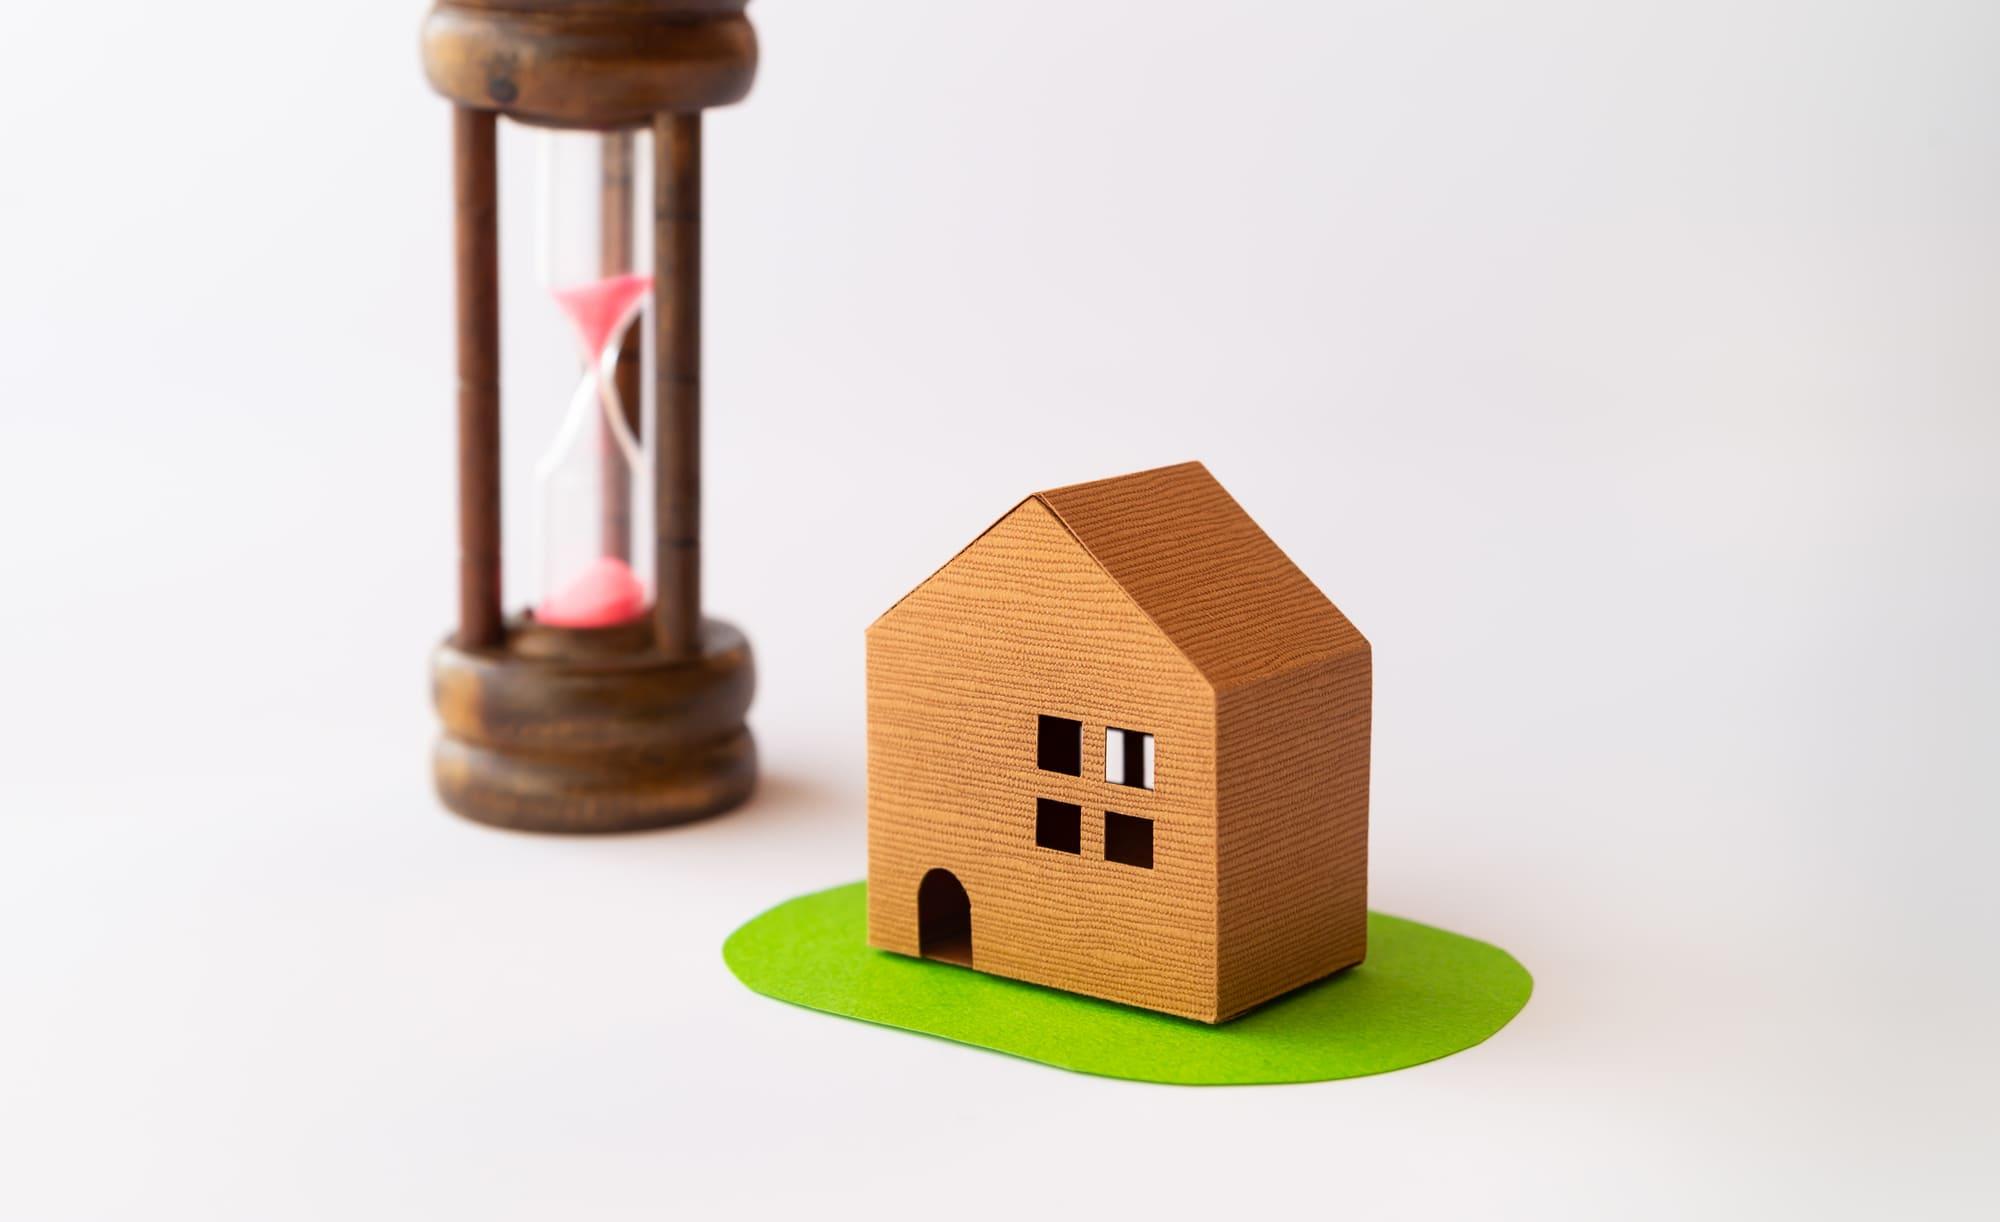 家と砂時計